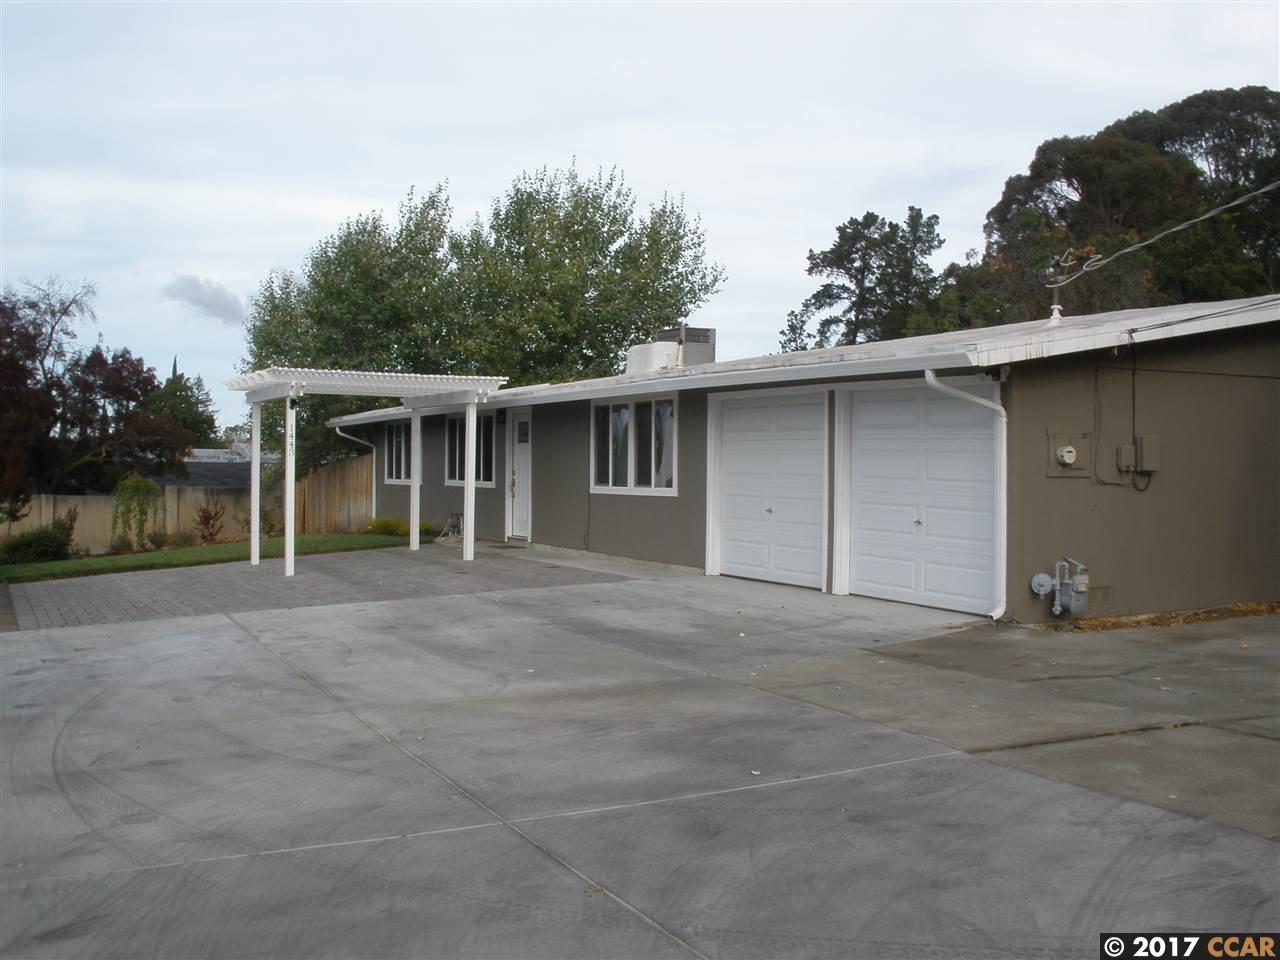 Maison unifamiliale pour l à louer à 1443 La Vista Avenue 1443 La Vista Avenue Concord, Californie 94521 États-Unis